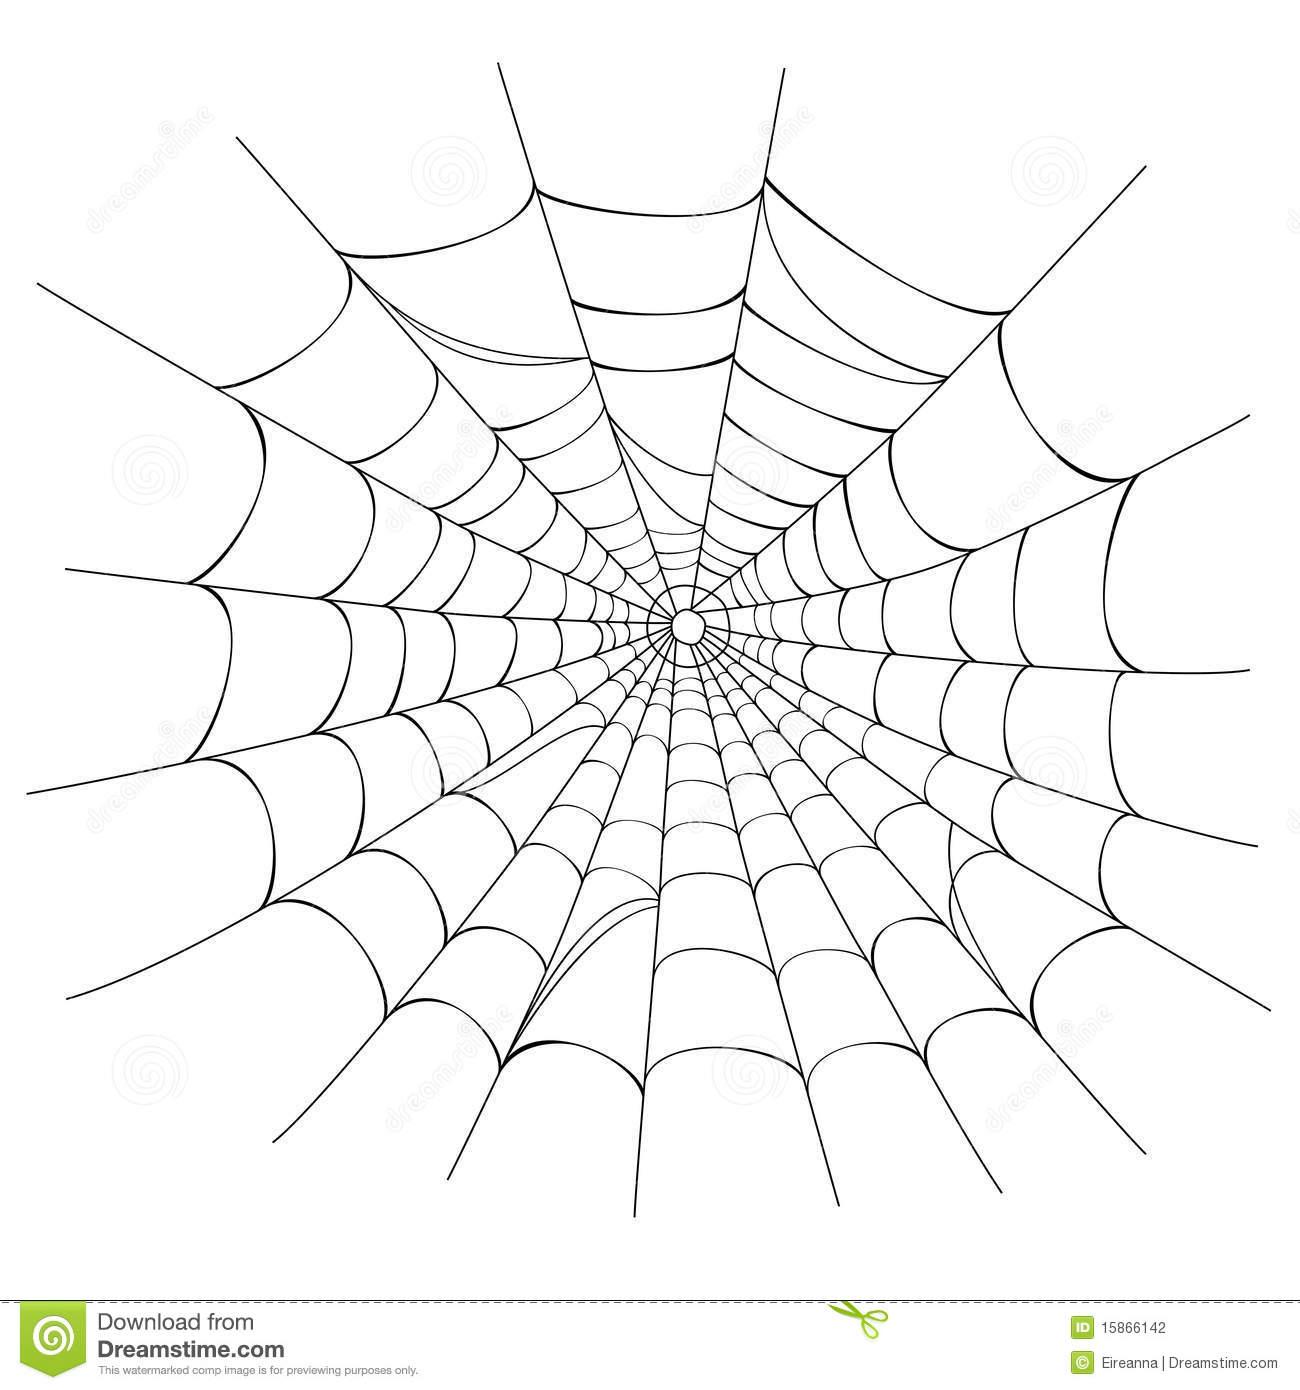 Toile D'araignée Sur Le Blanc Illustration De Vecteur intérieur Toile D Araignée Dessin